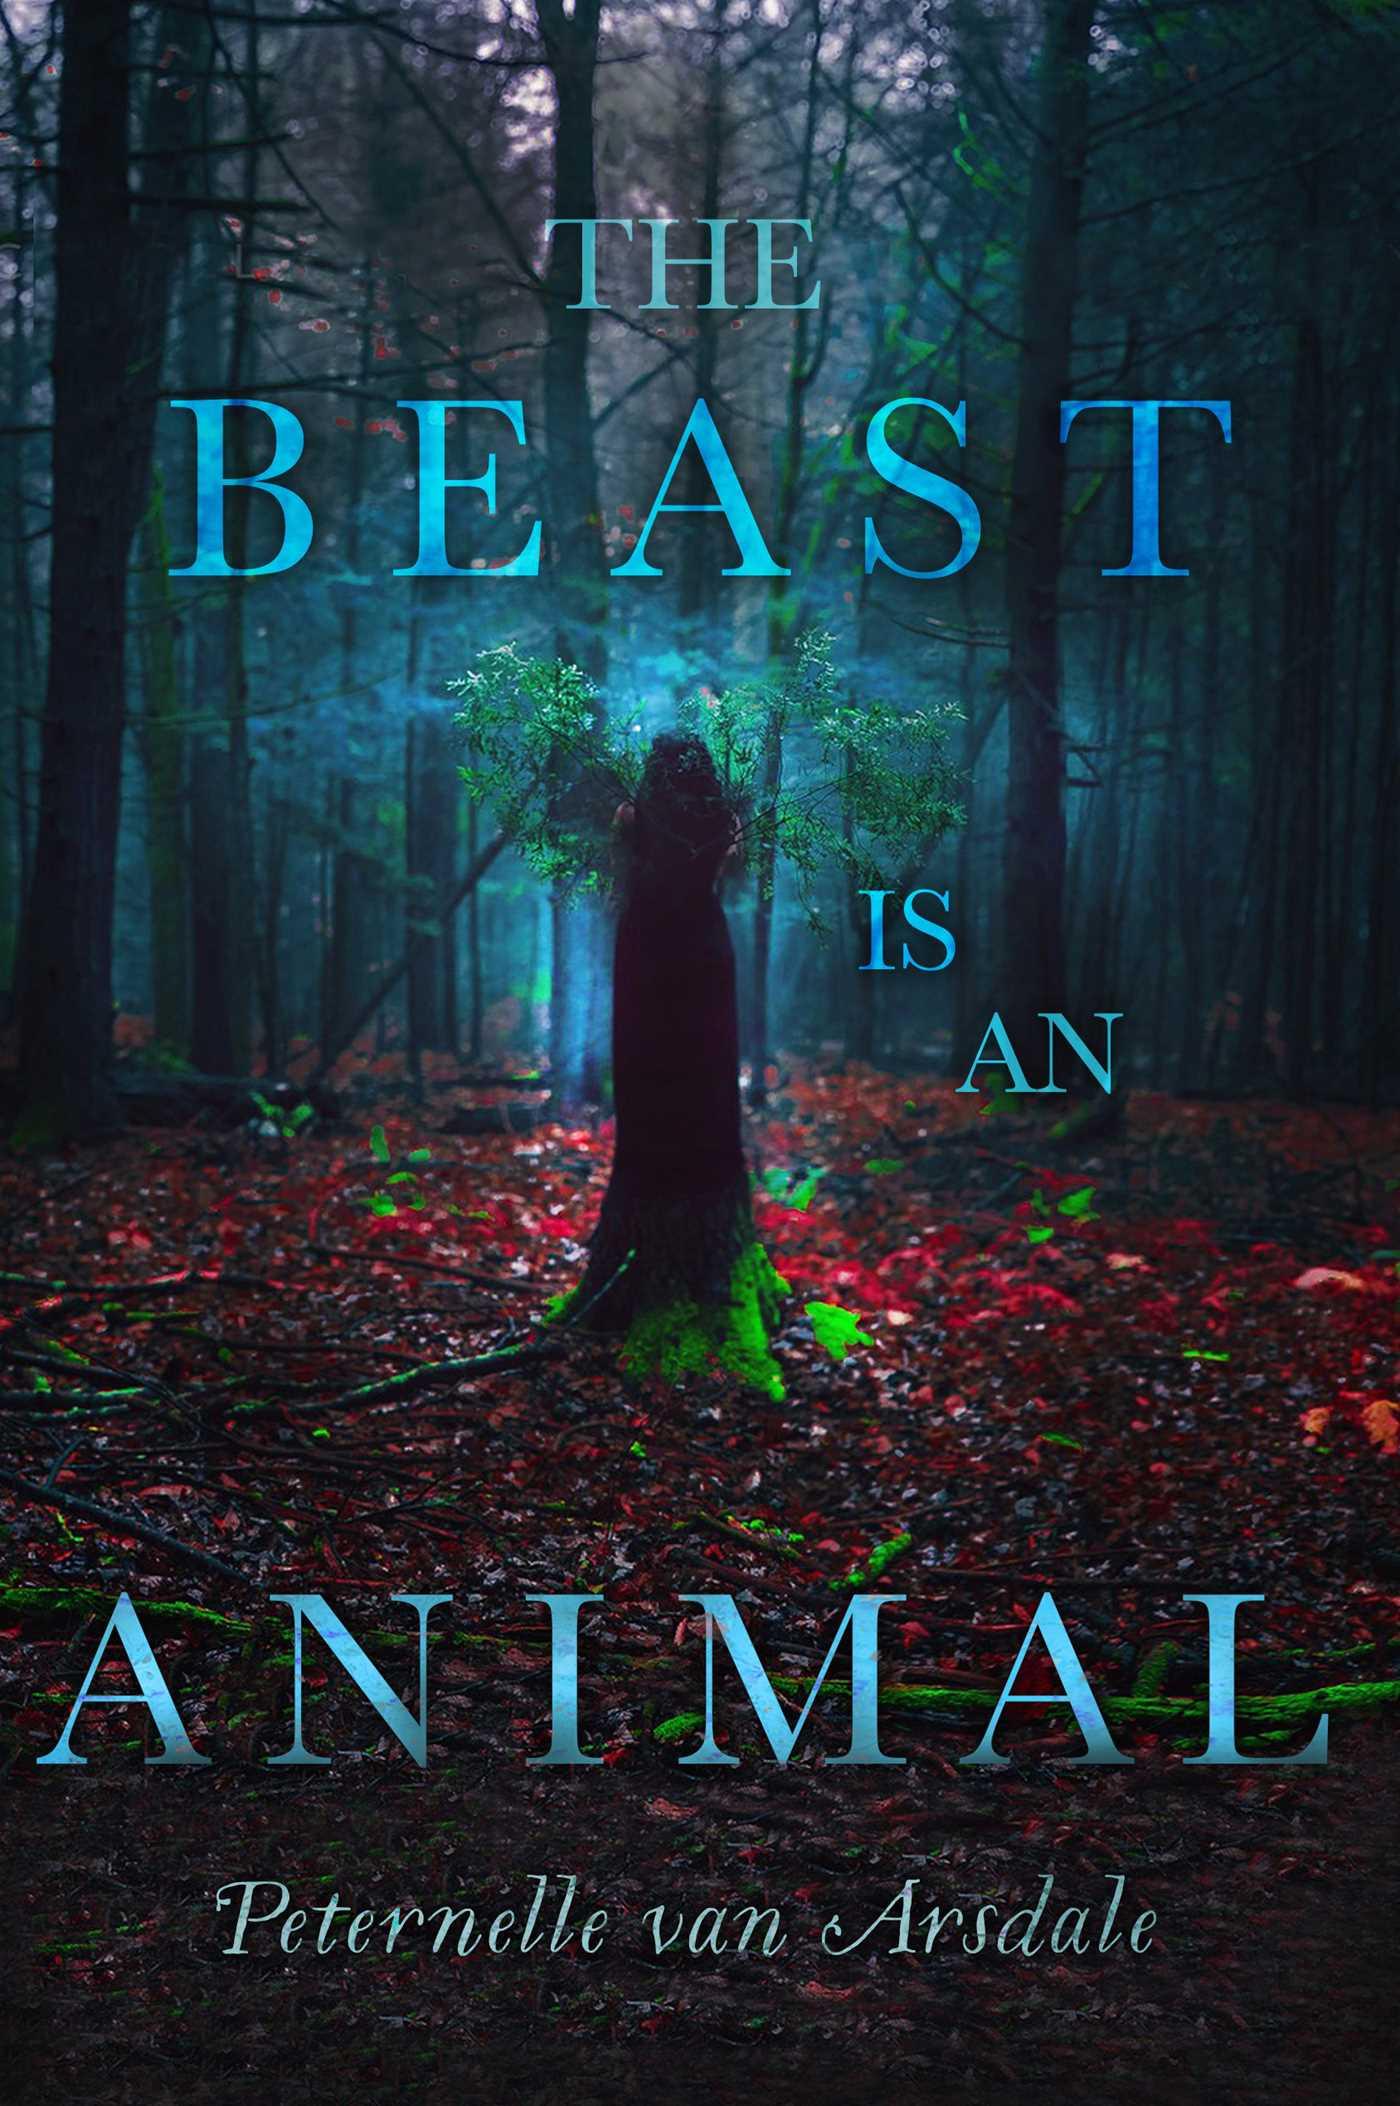 The beast is an animal 9781481488419 hr